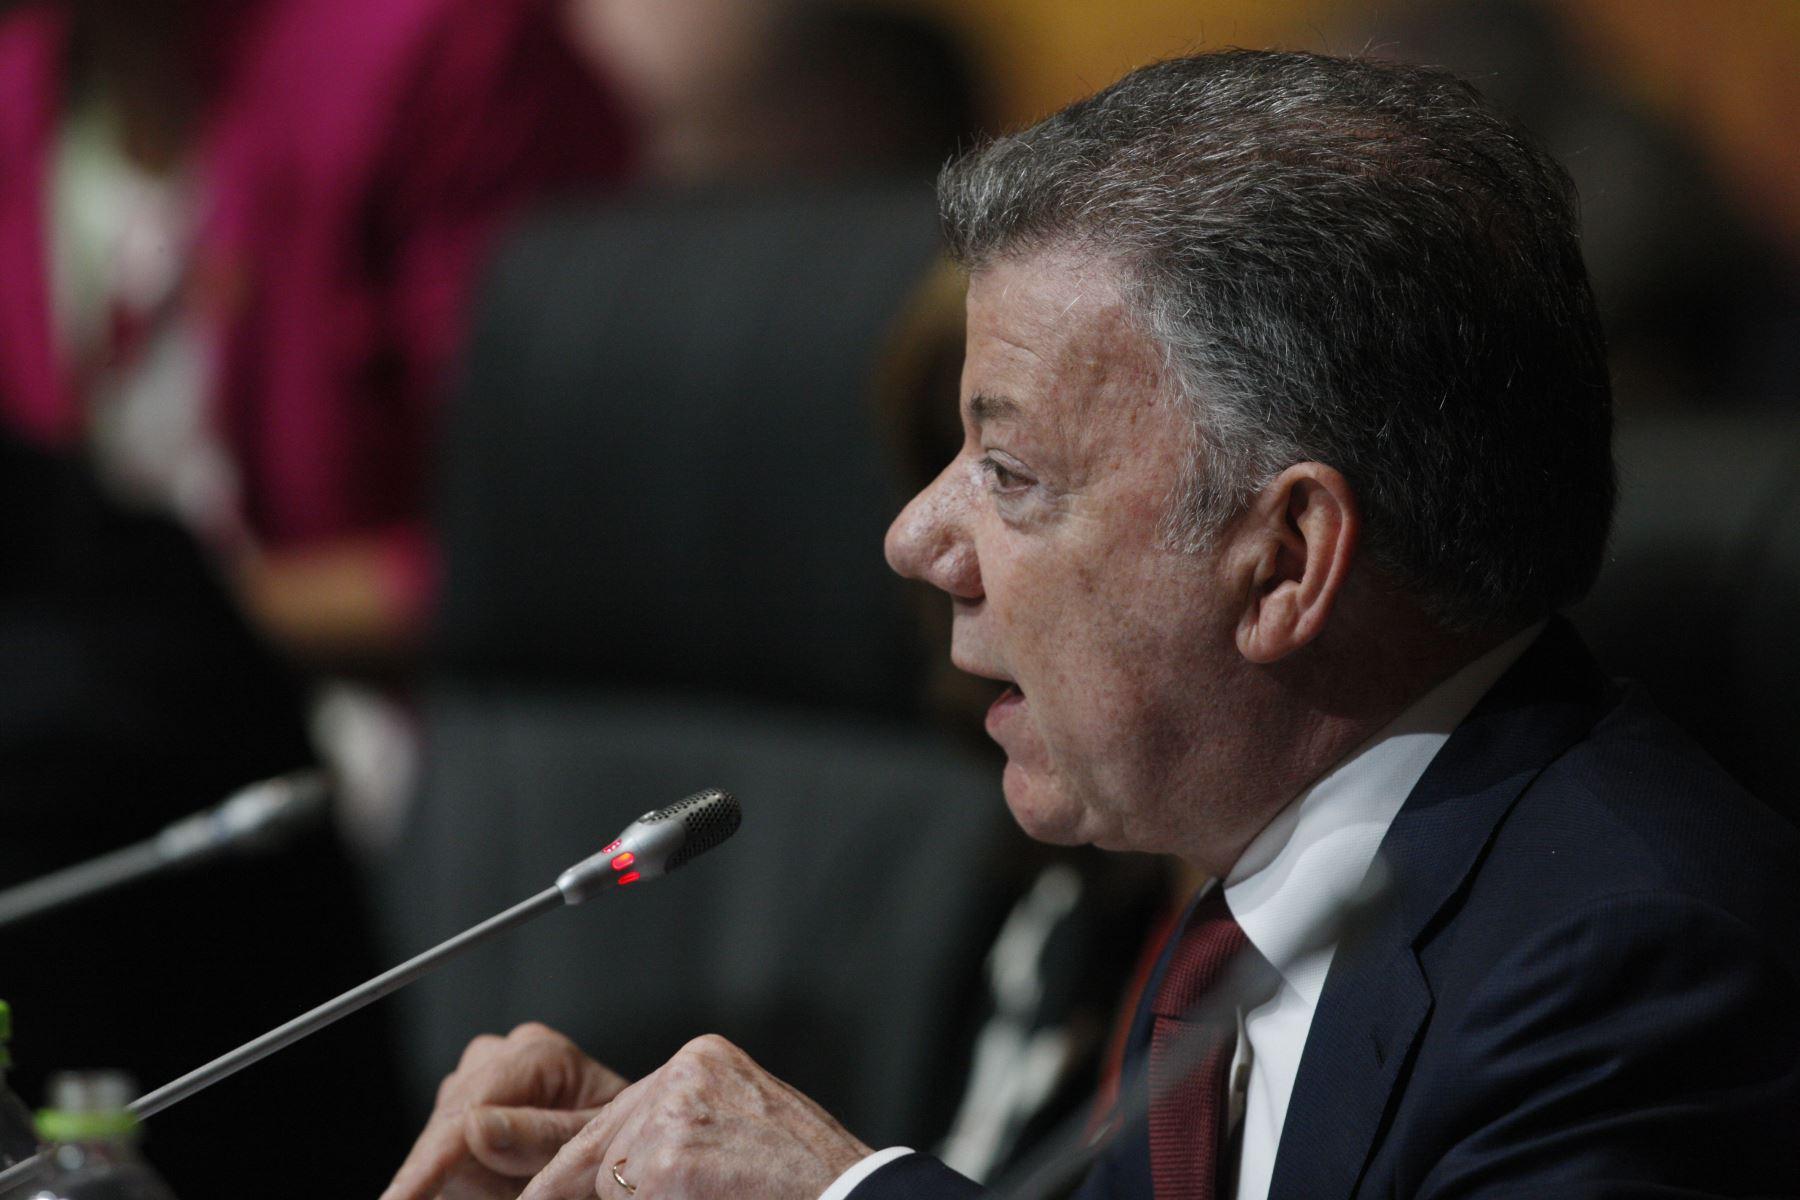 Presidente de Colombia, Juan Manuel Santos durante la sesión plenaria de la VIII Cumbre de las Américas en Lima. Foto: ANDINA/Dante Zegarra